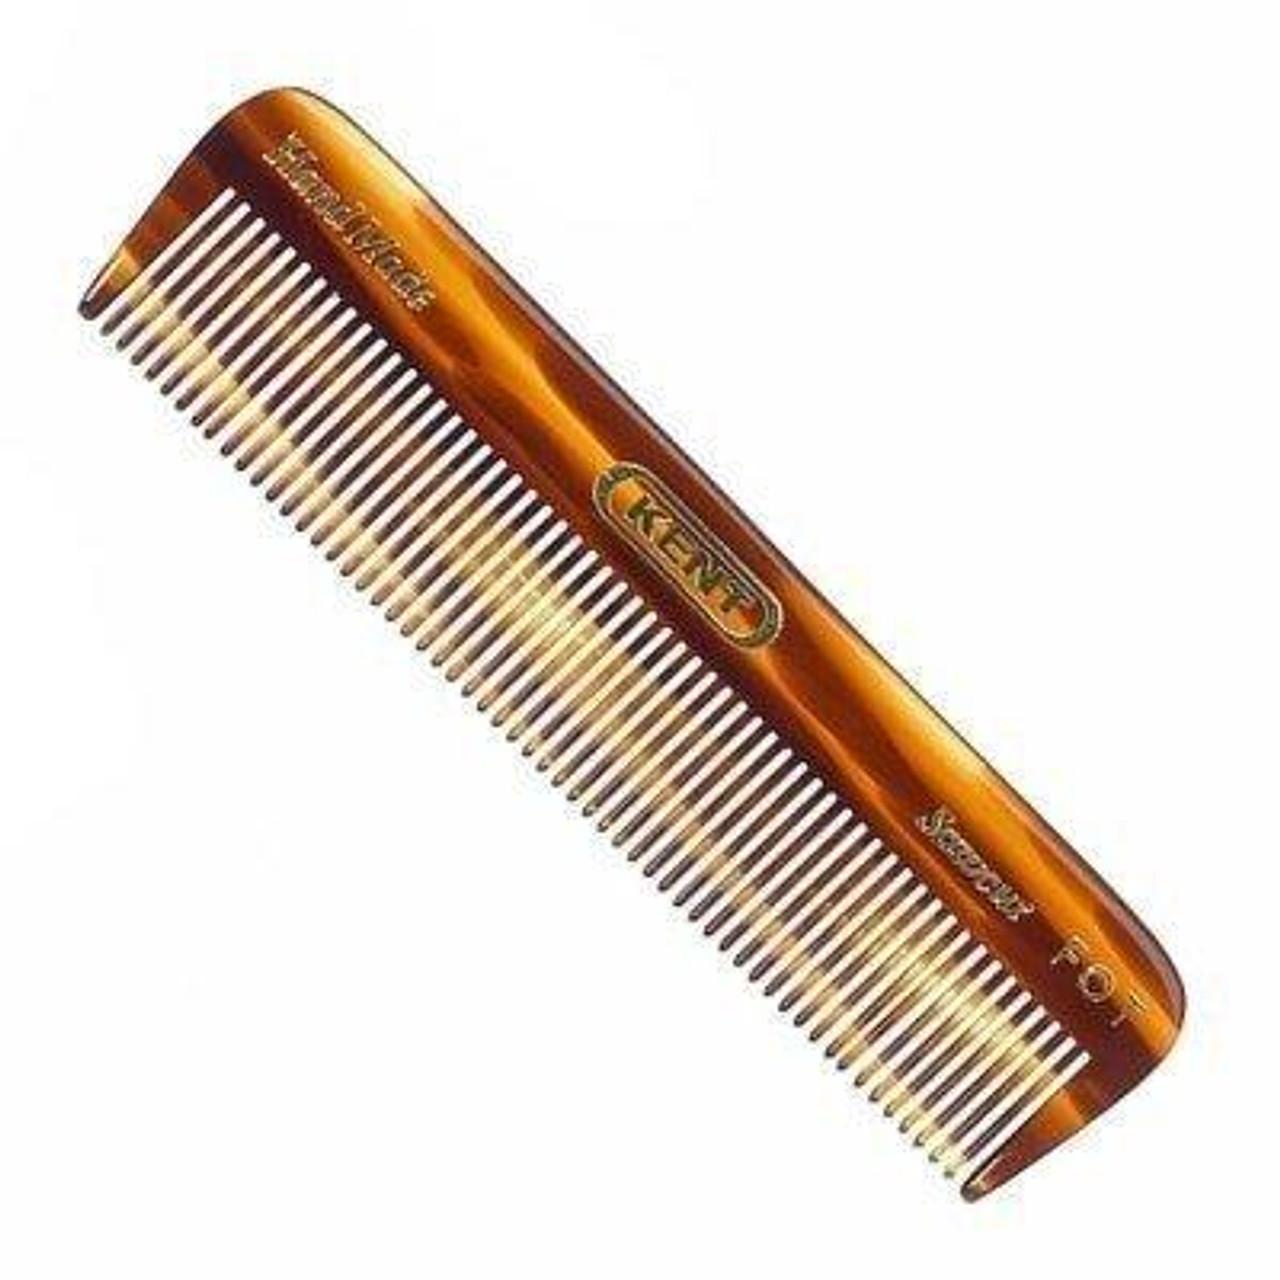 113Mm Pocket Comb Fn Fot